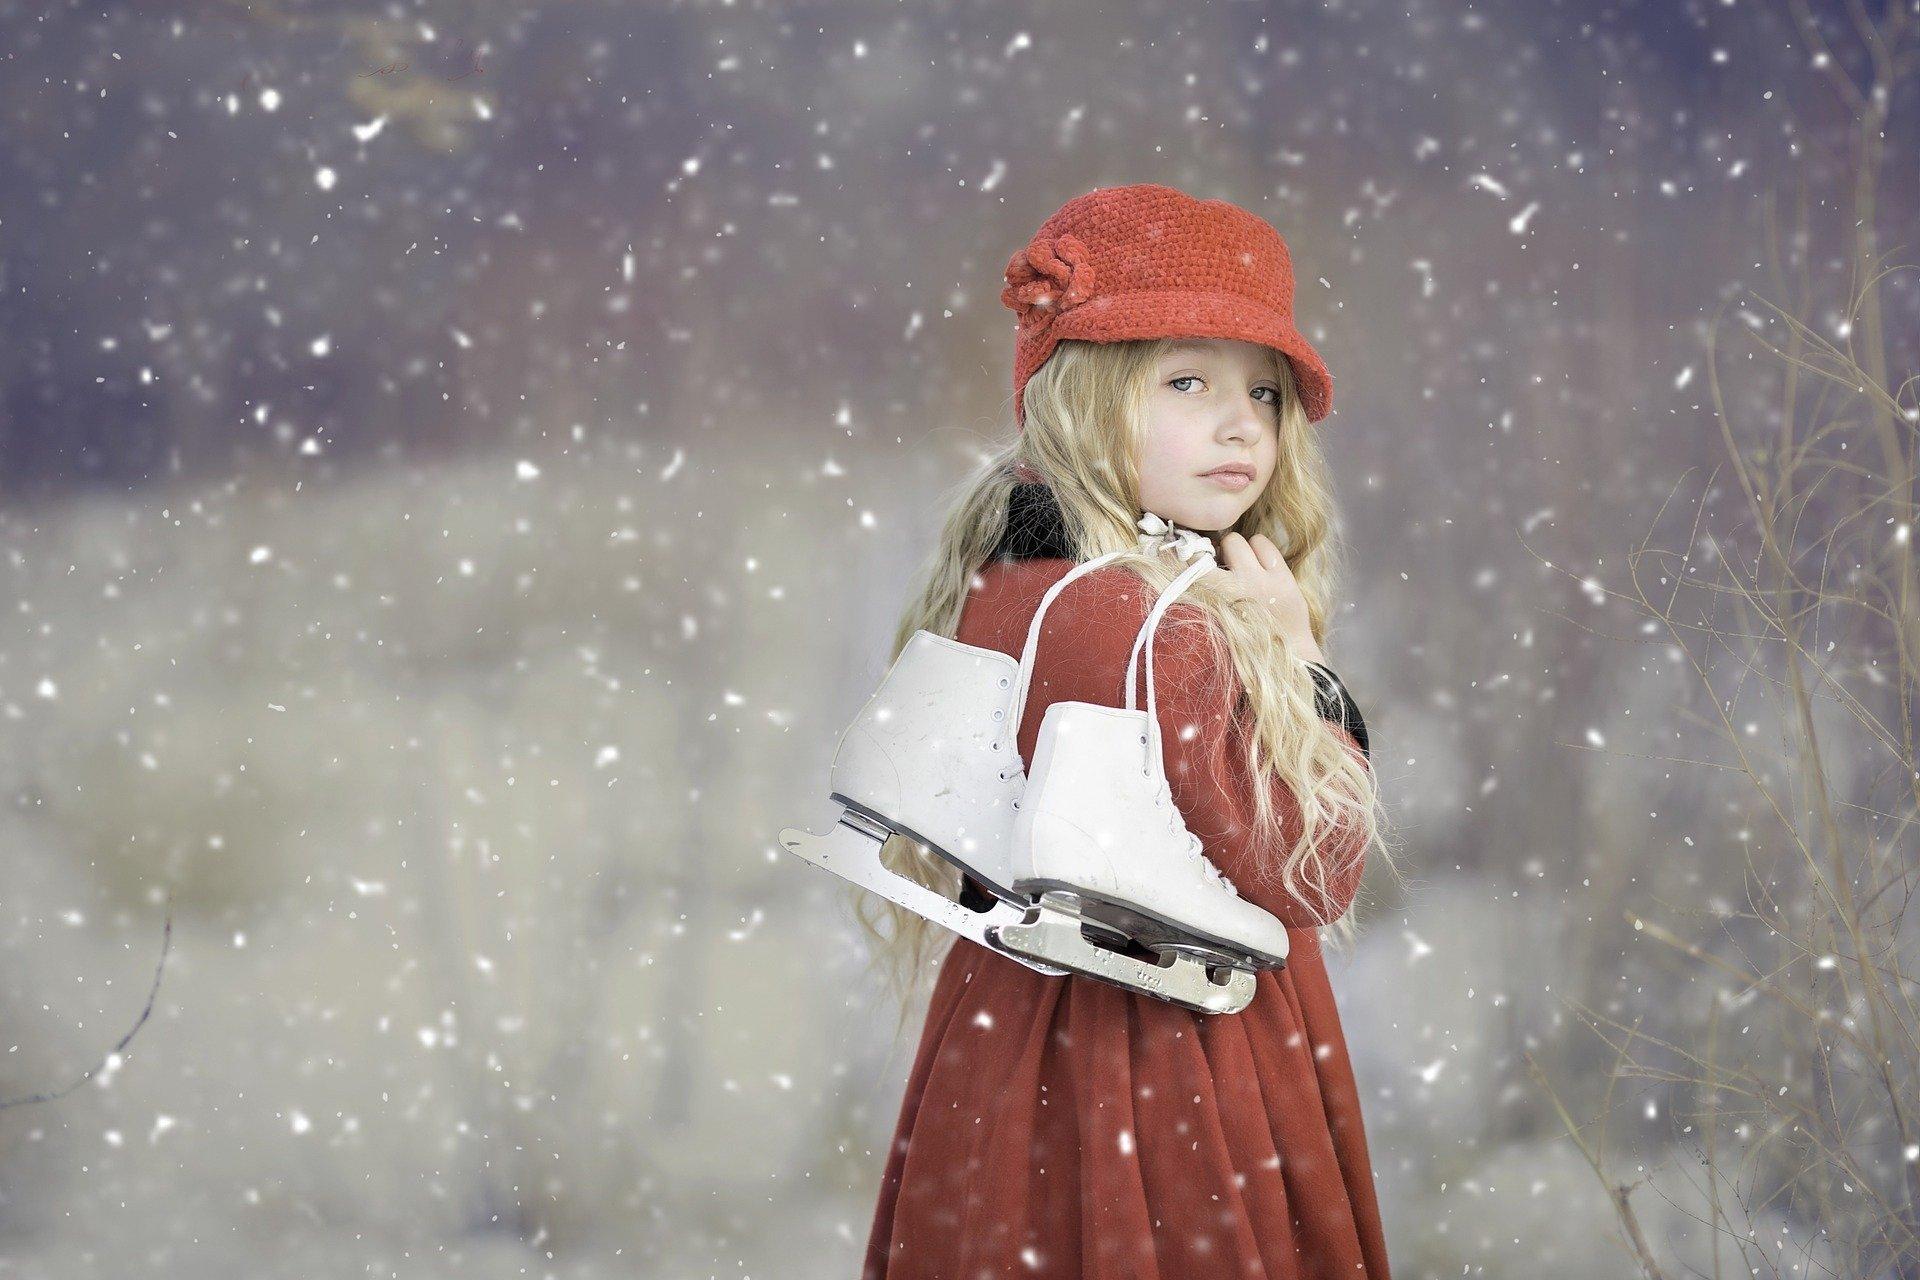 walentynkowe życzenia dla dzieci - dla córeczki